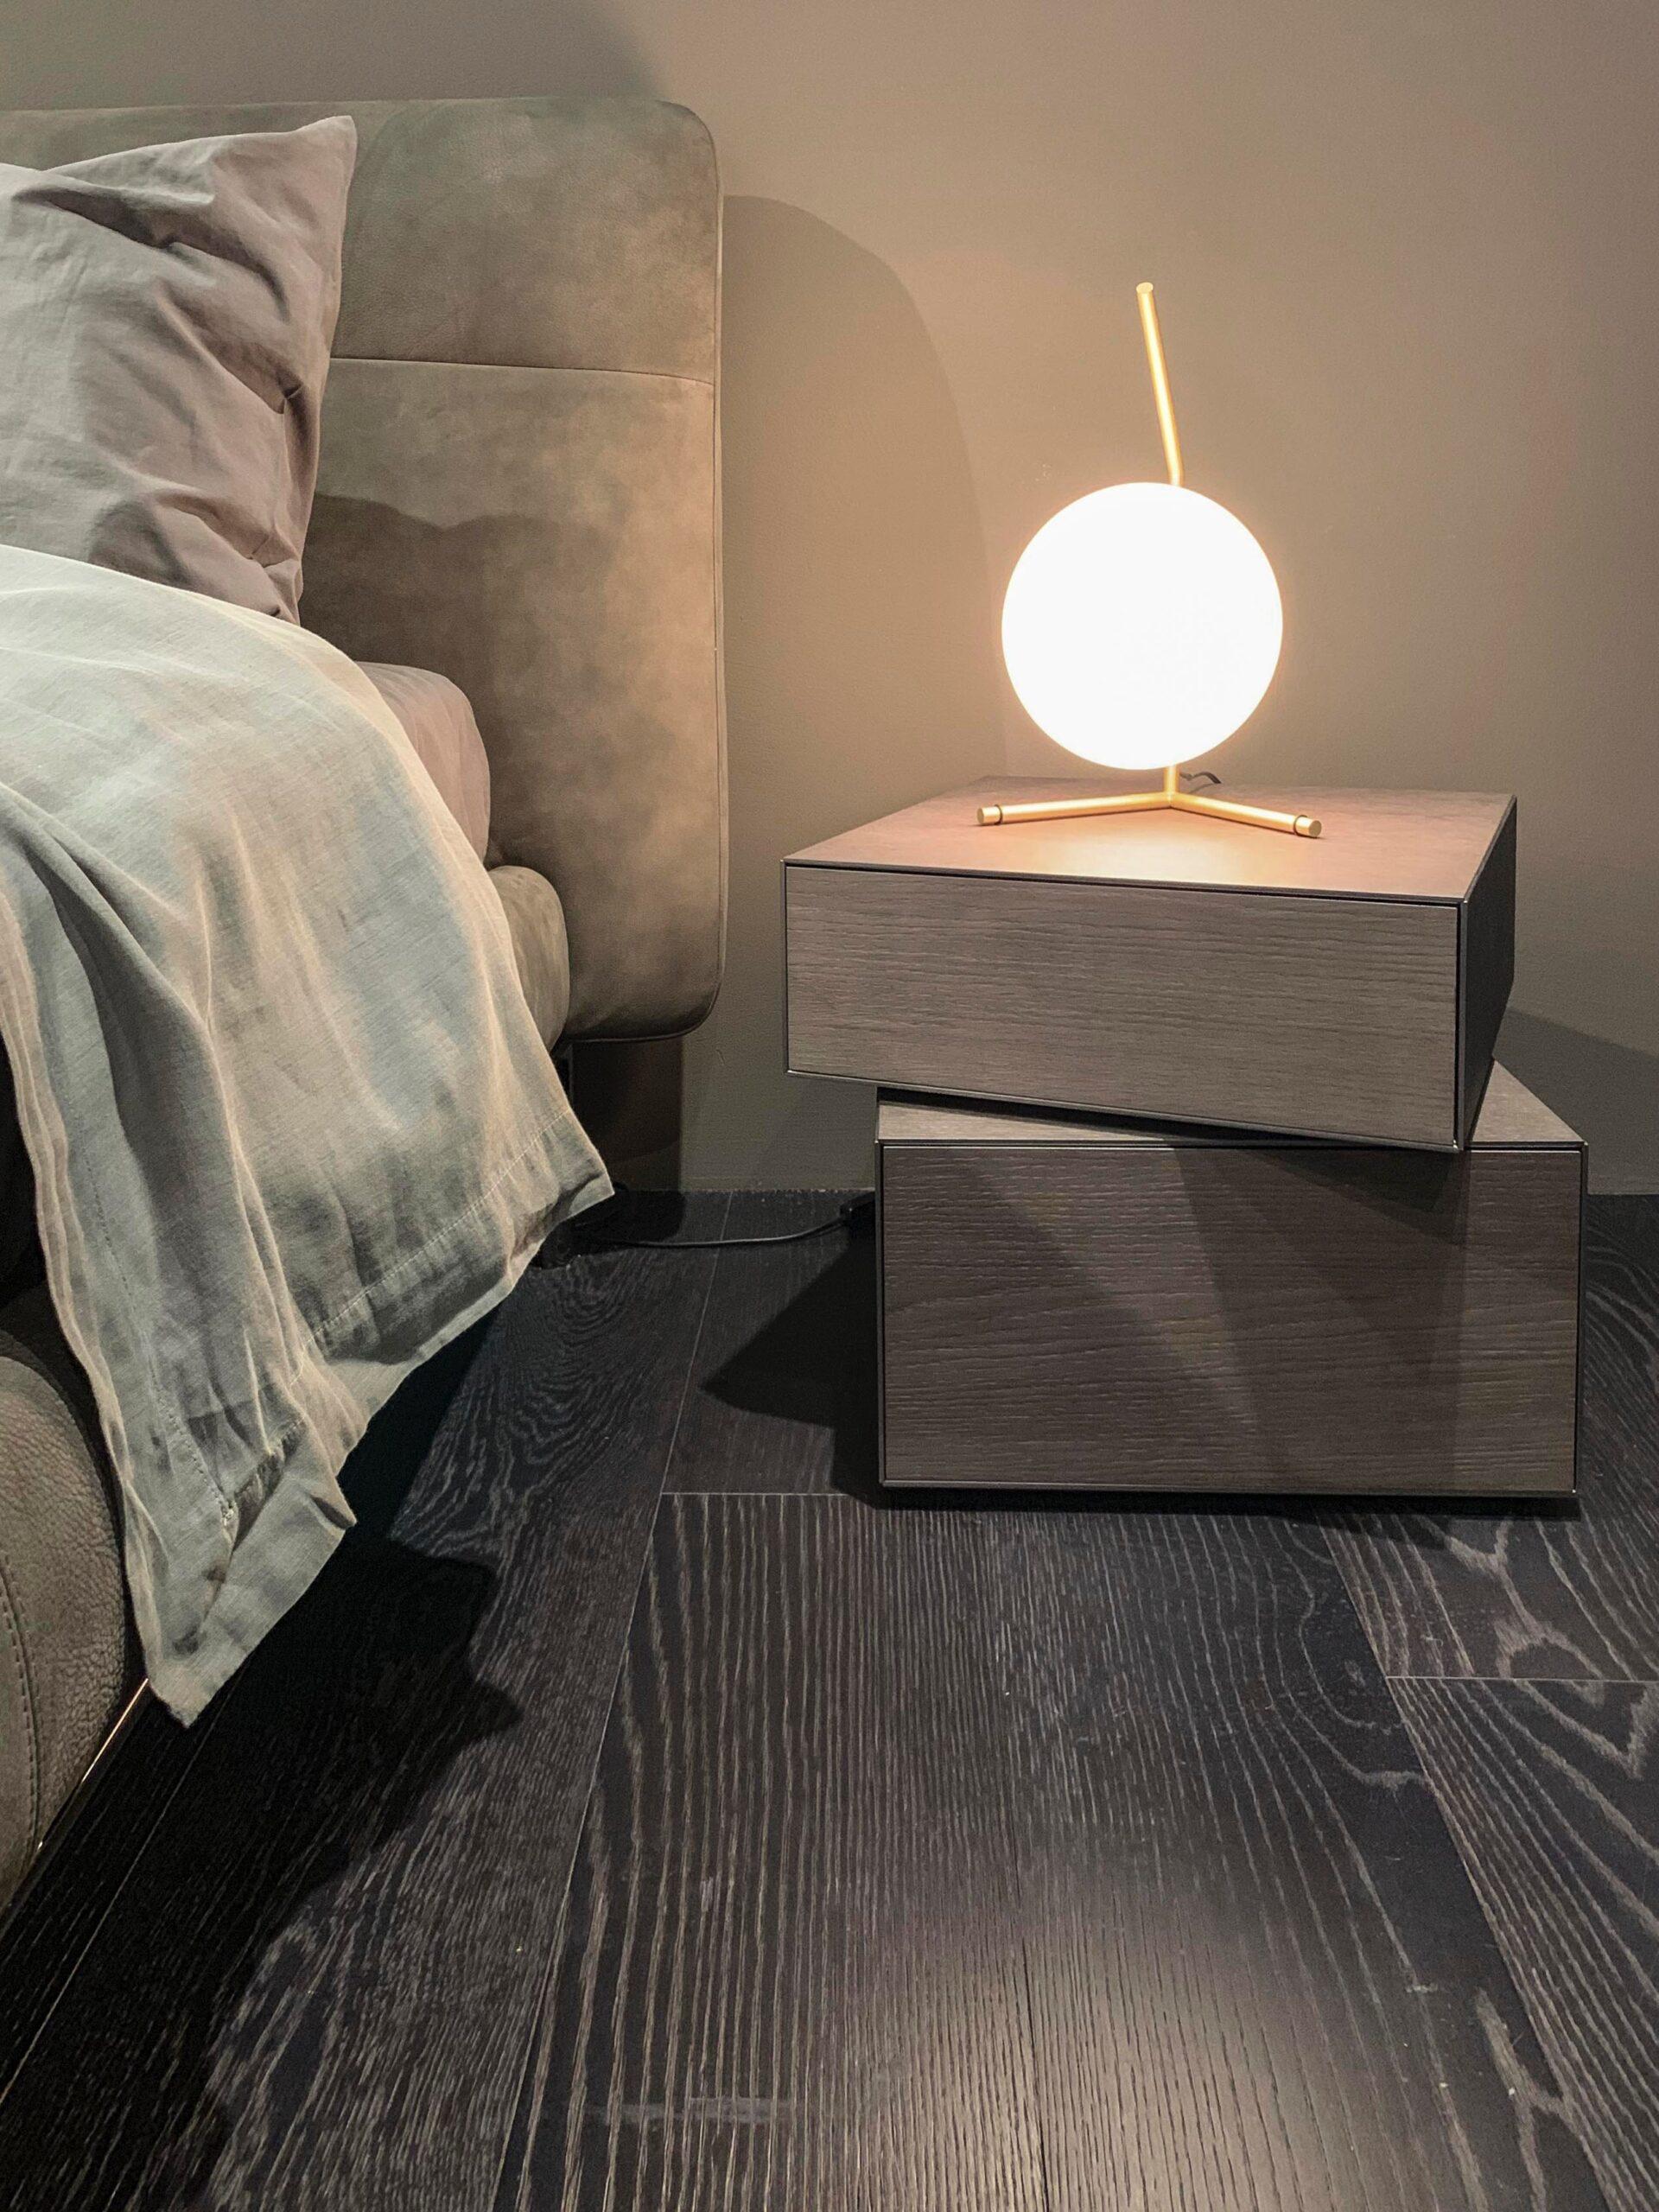 lampa på nattduksbord